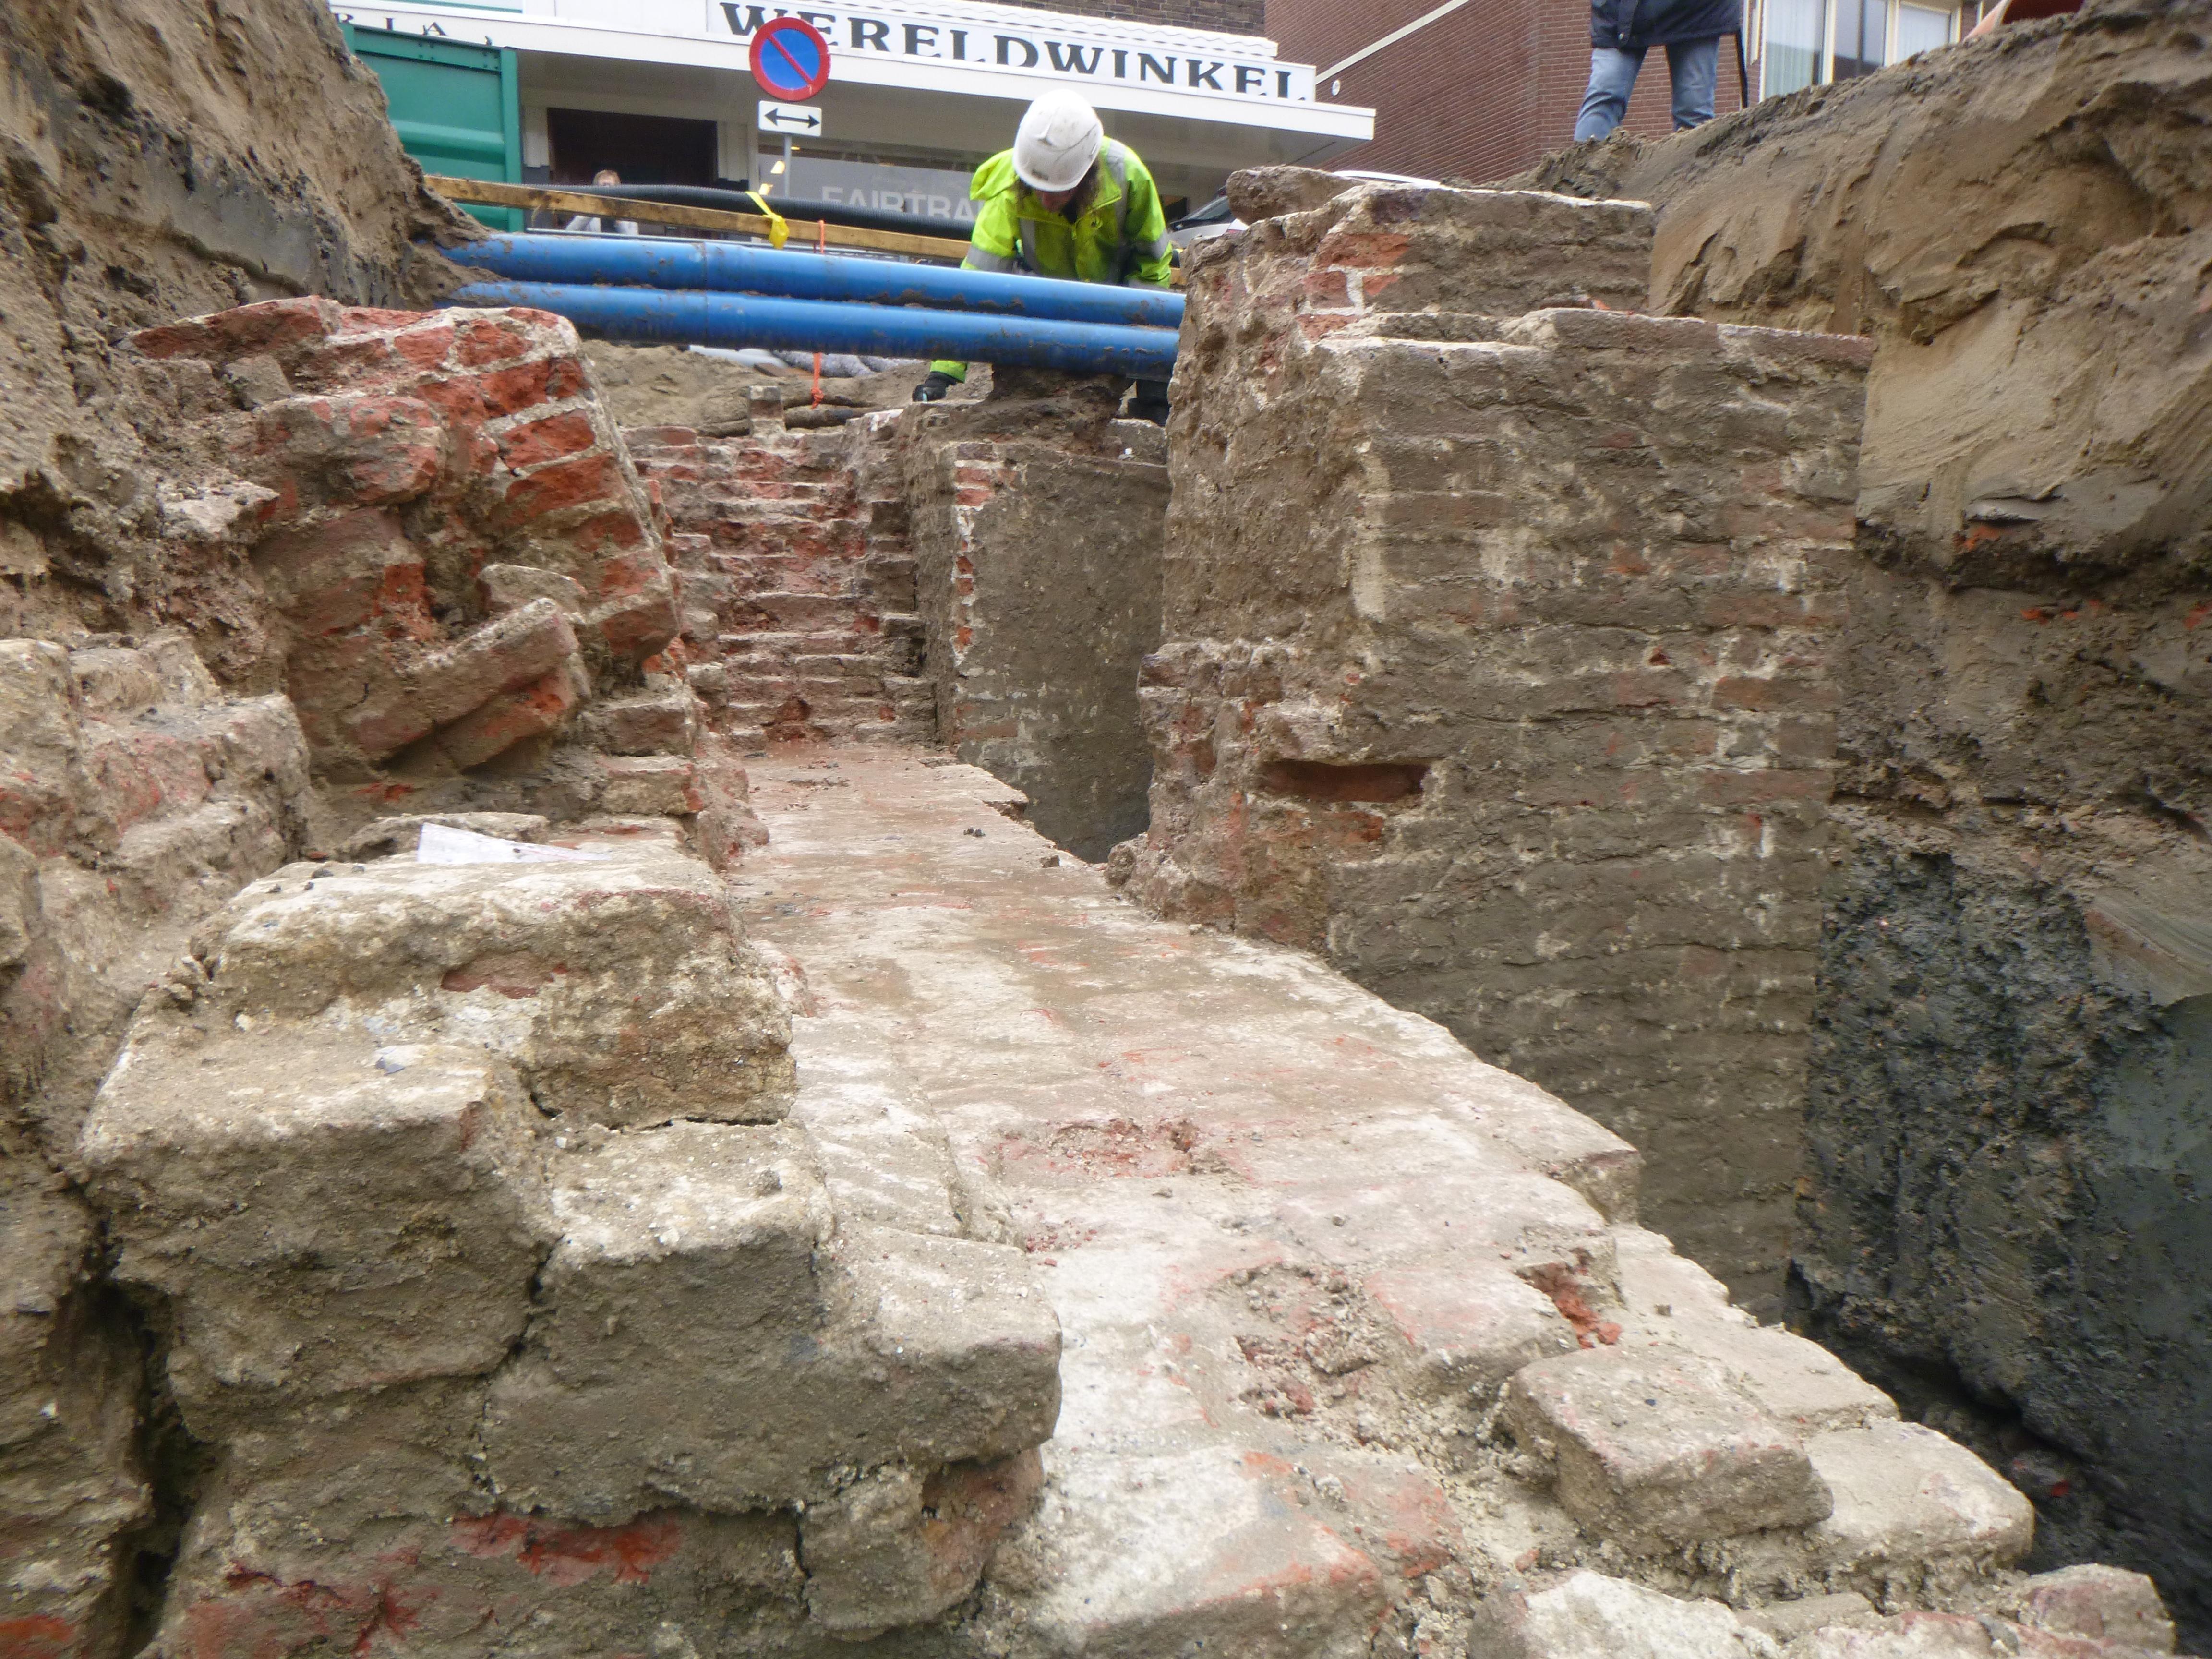 Opgraving Hof van Alfen verrast archeologen: 'spectaculairder dan verwacht'